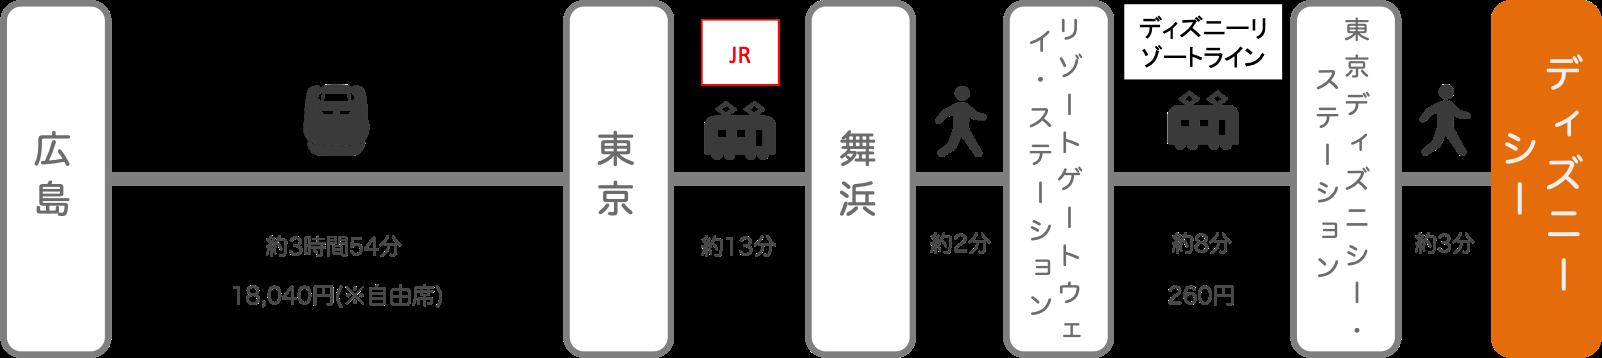 ディズニーシー_広島_新幹線